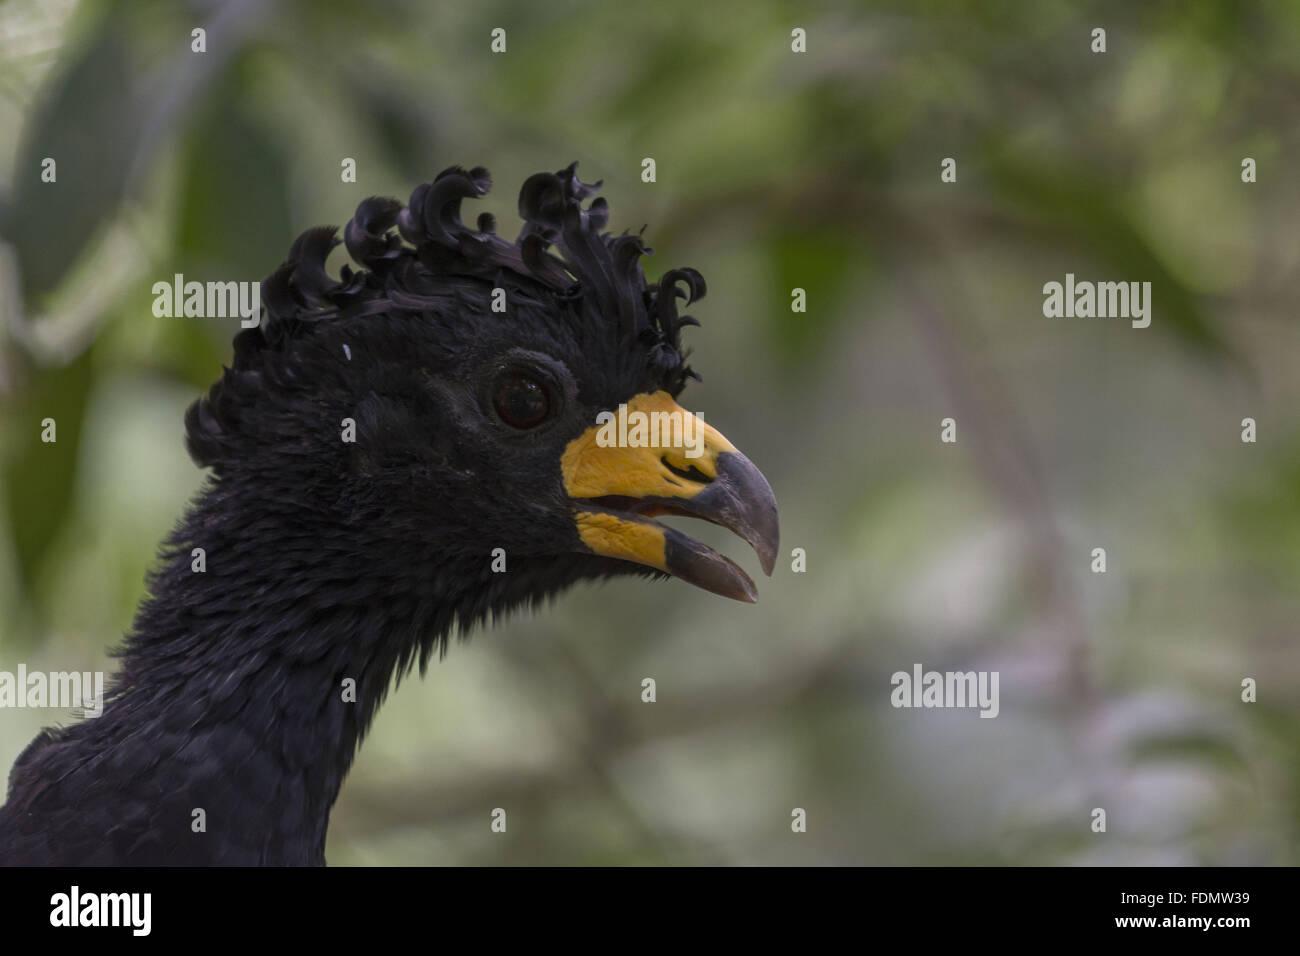 Près de mutum-de-plume mâle dans Bird Park Photo Stock